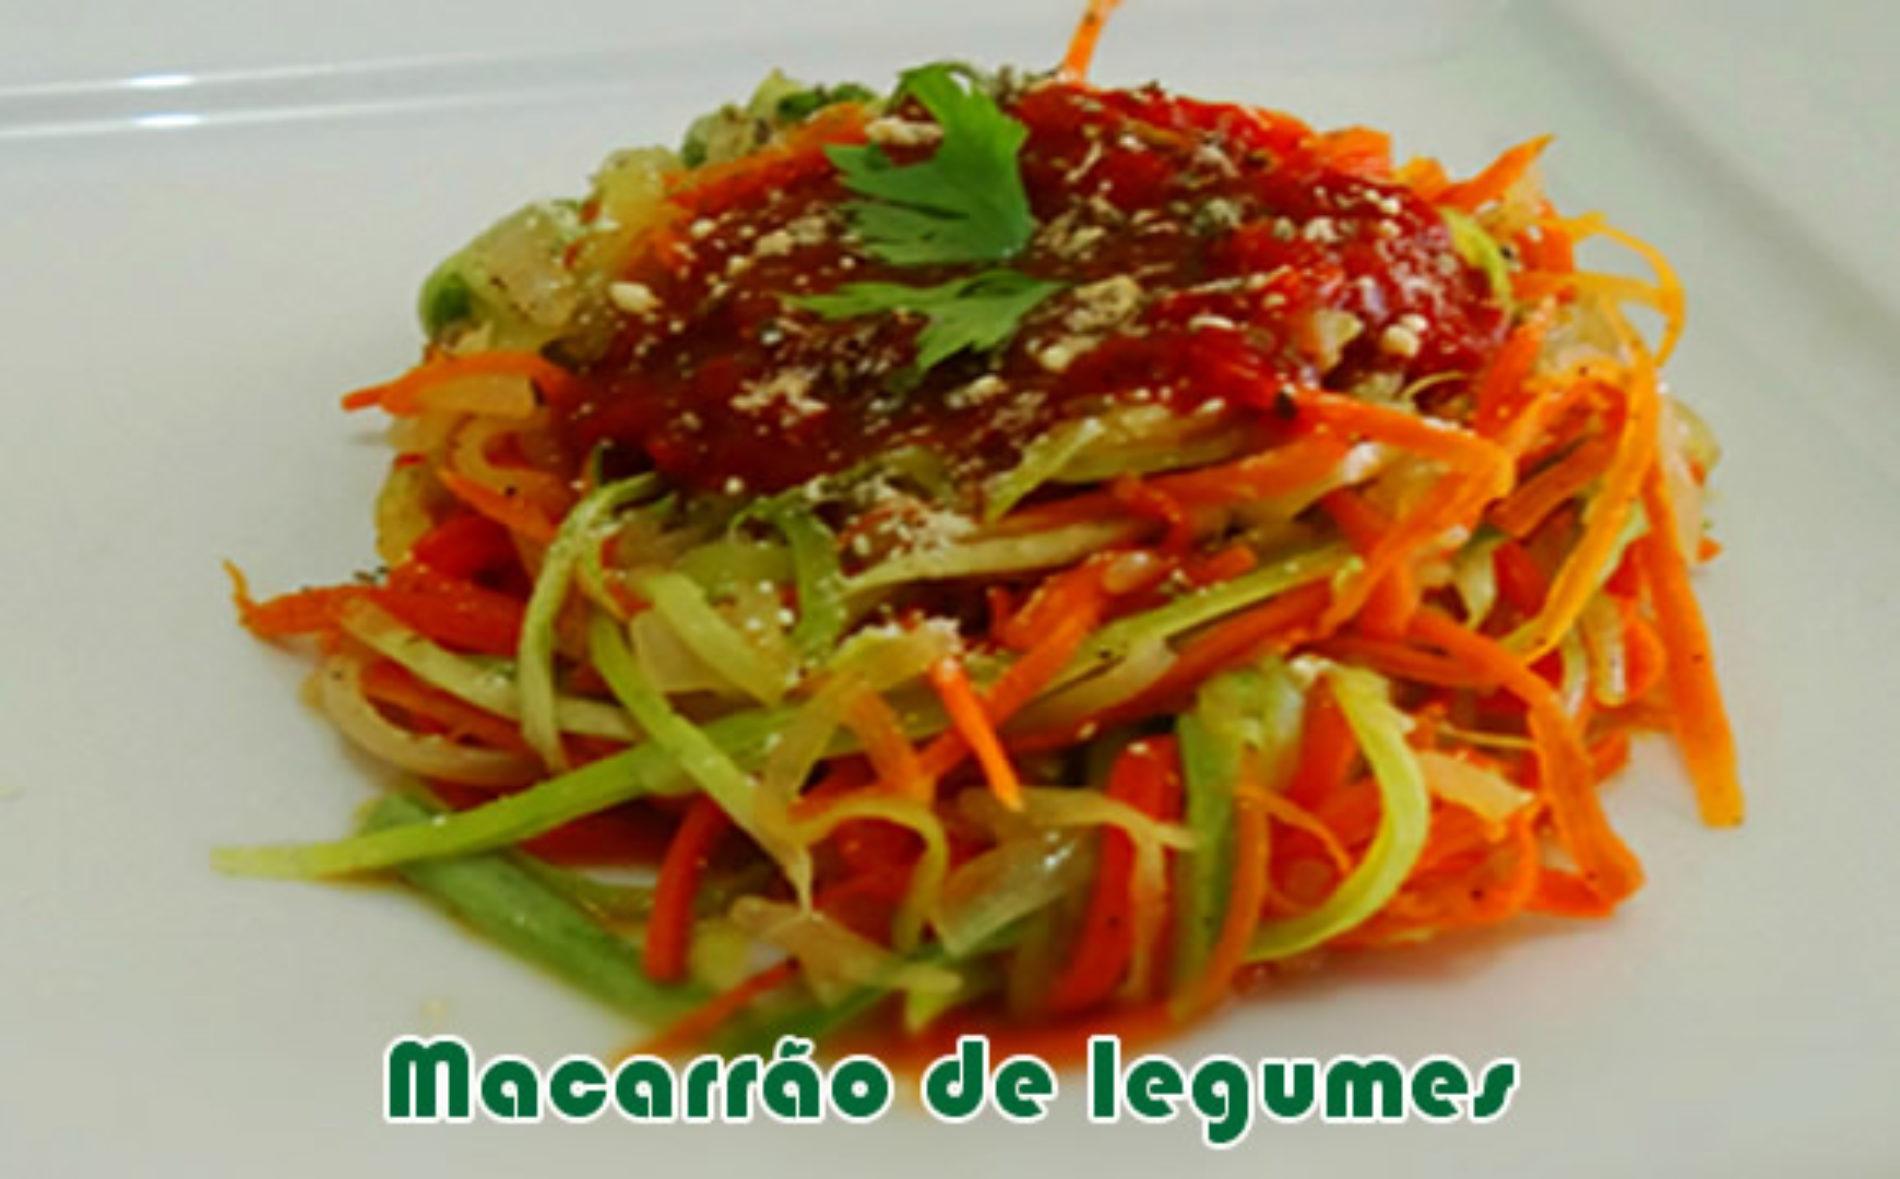 Macarrão de legumes – Receitas light